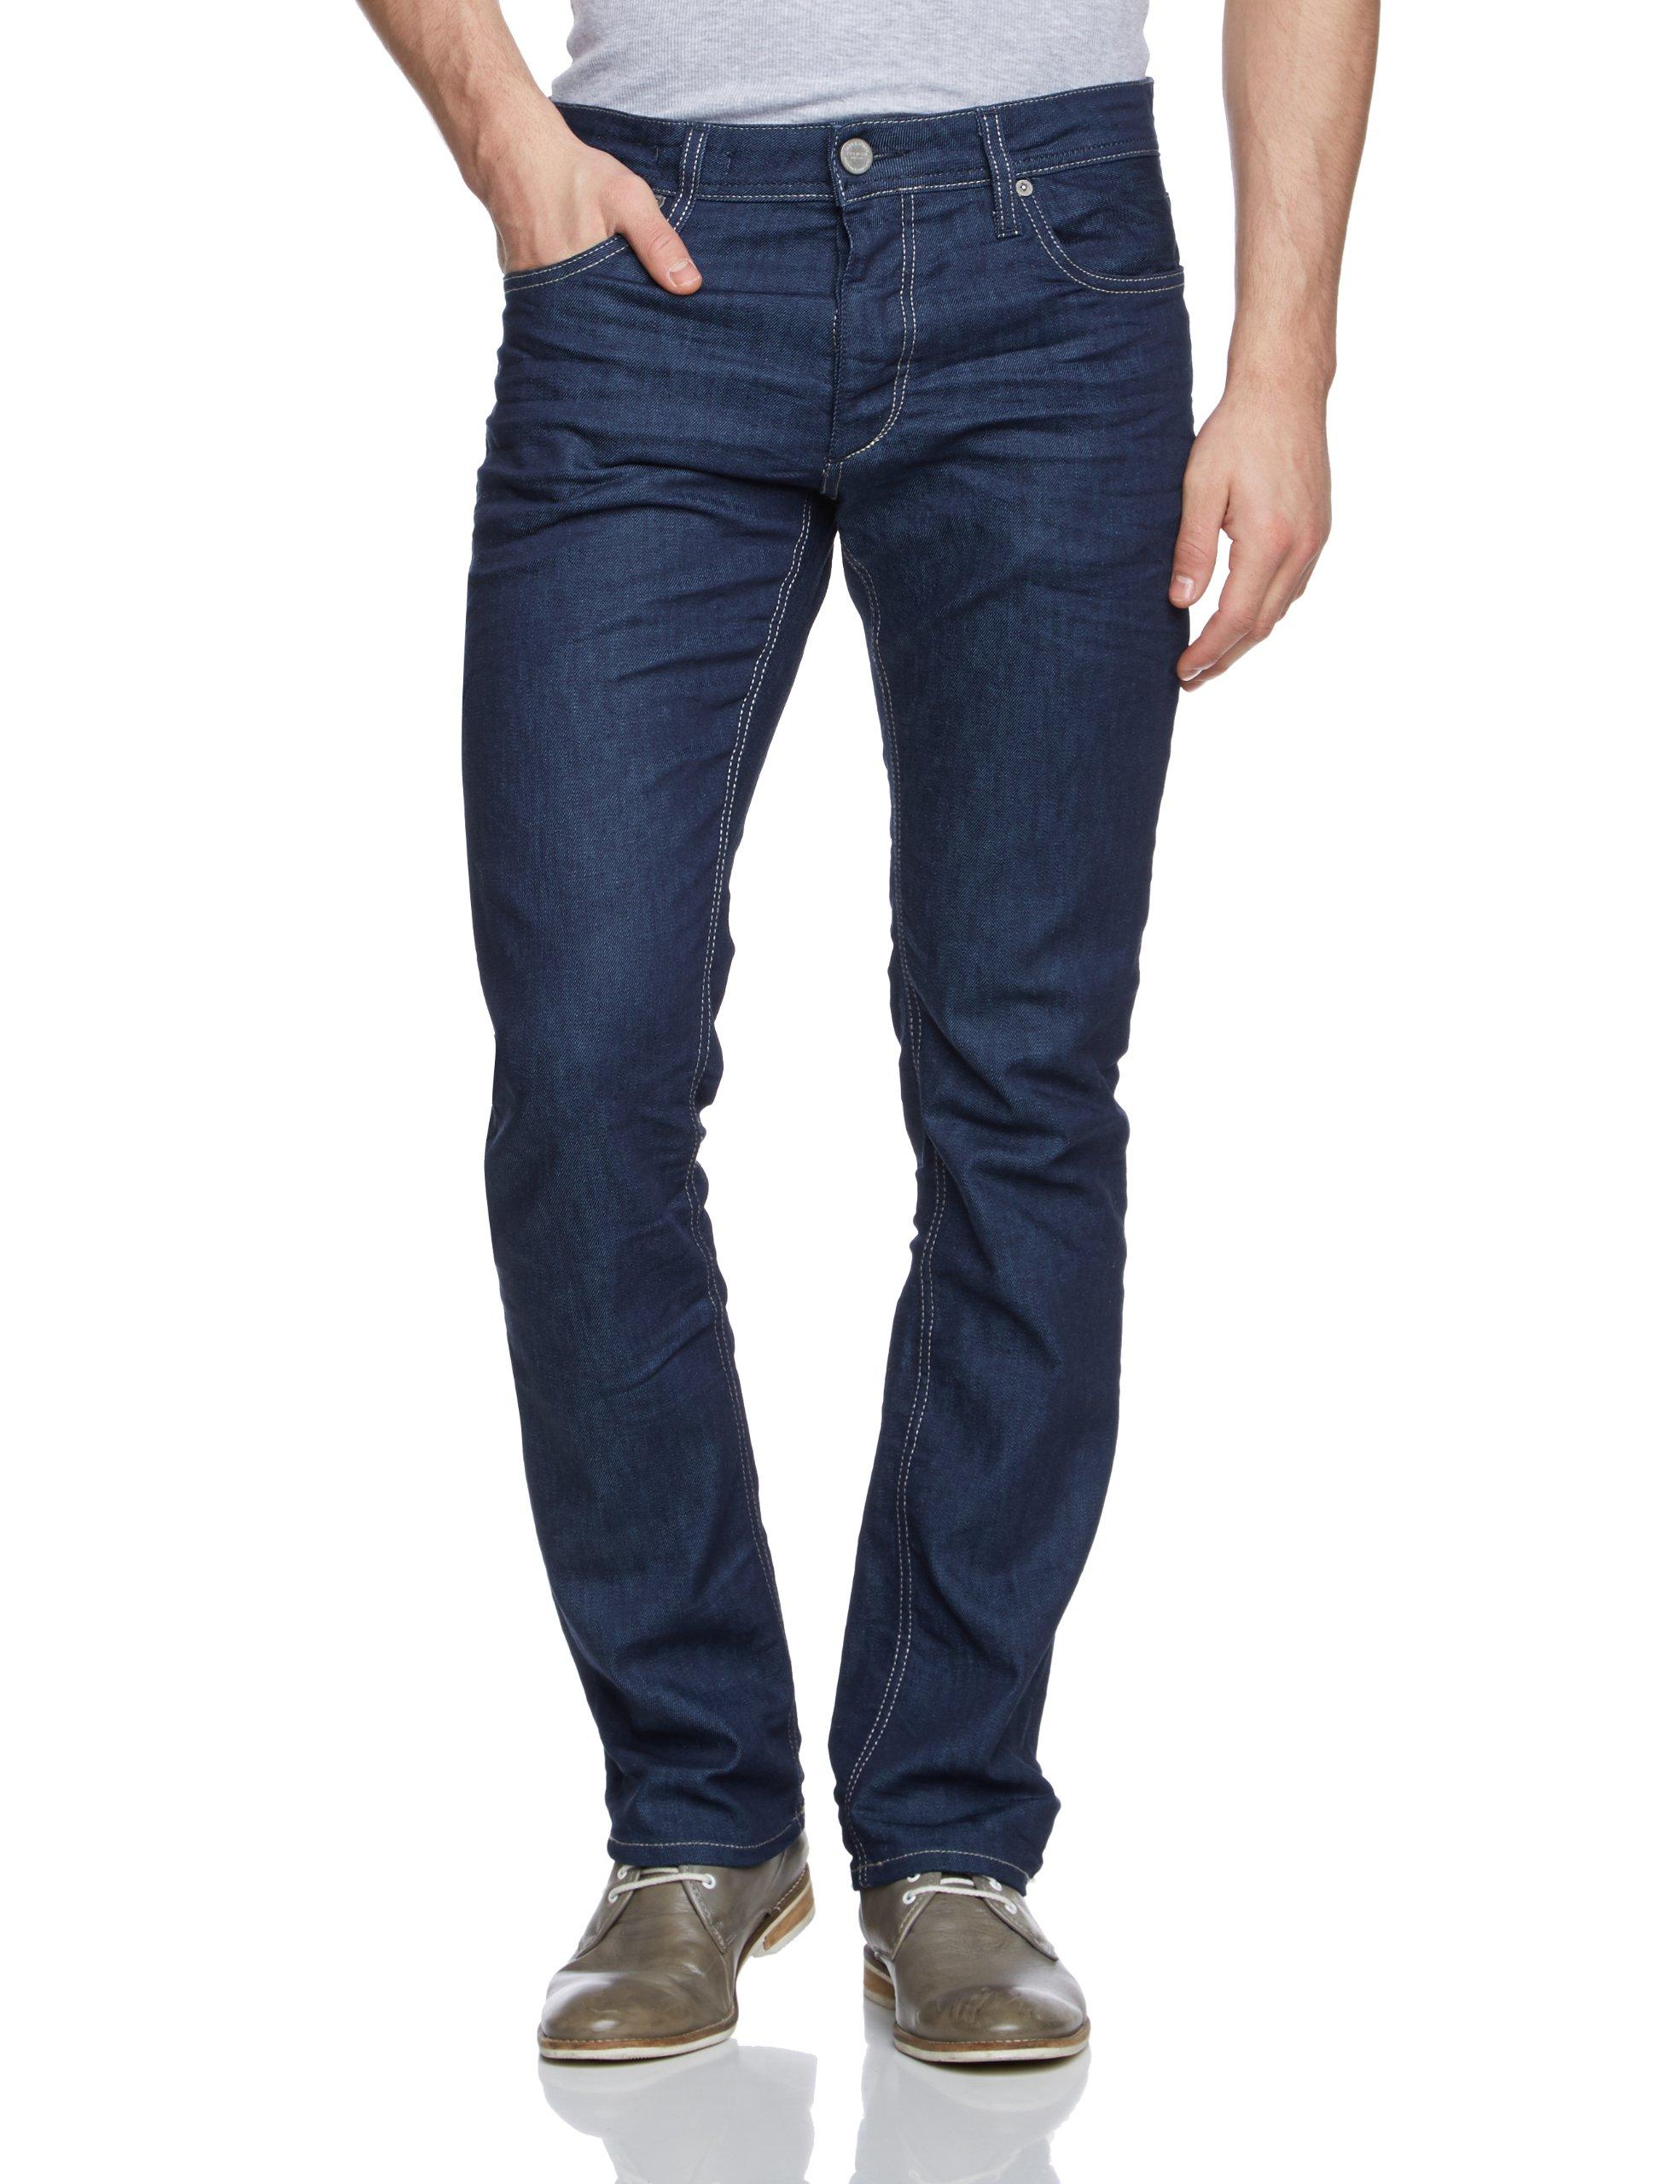 Bleumedium Homme Jackamp; Fabricant30 ClassicJeans Droit Jones 325W30 wash l32taille bl Blue Clark Denim qMpGLUVSz